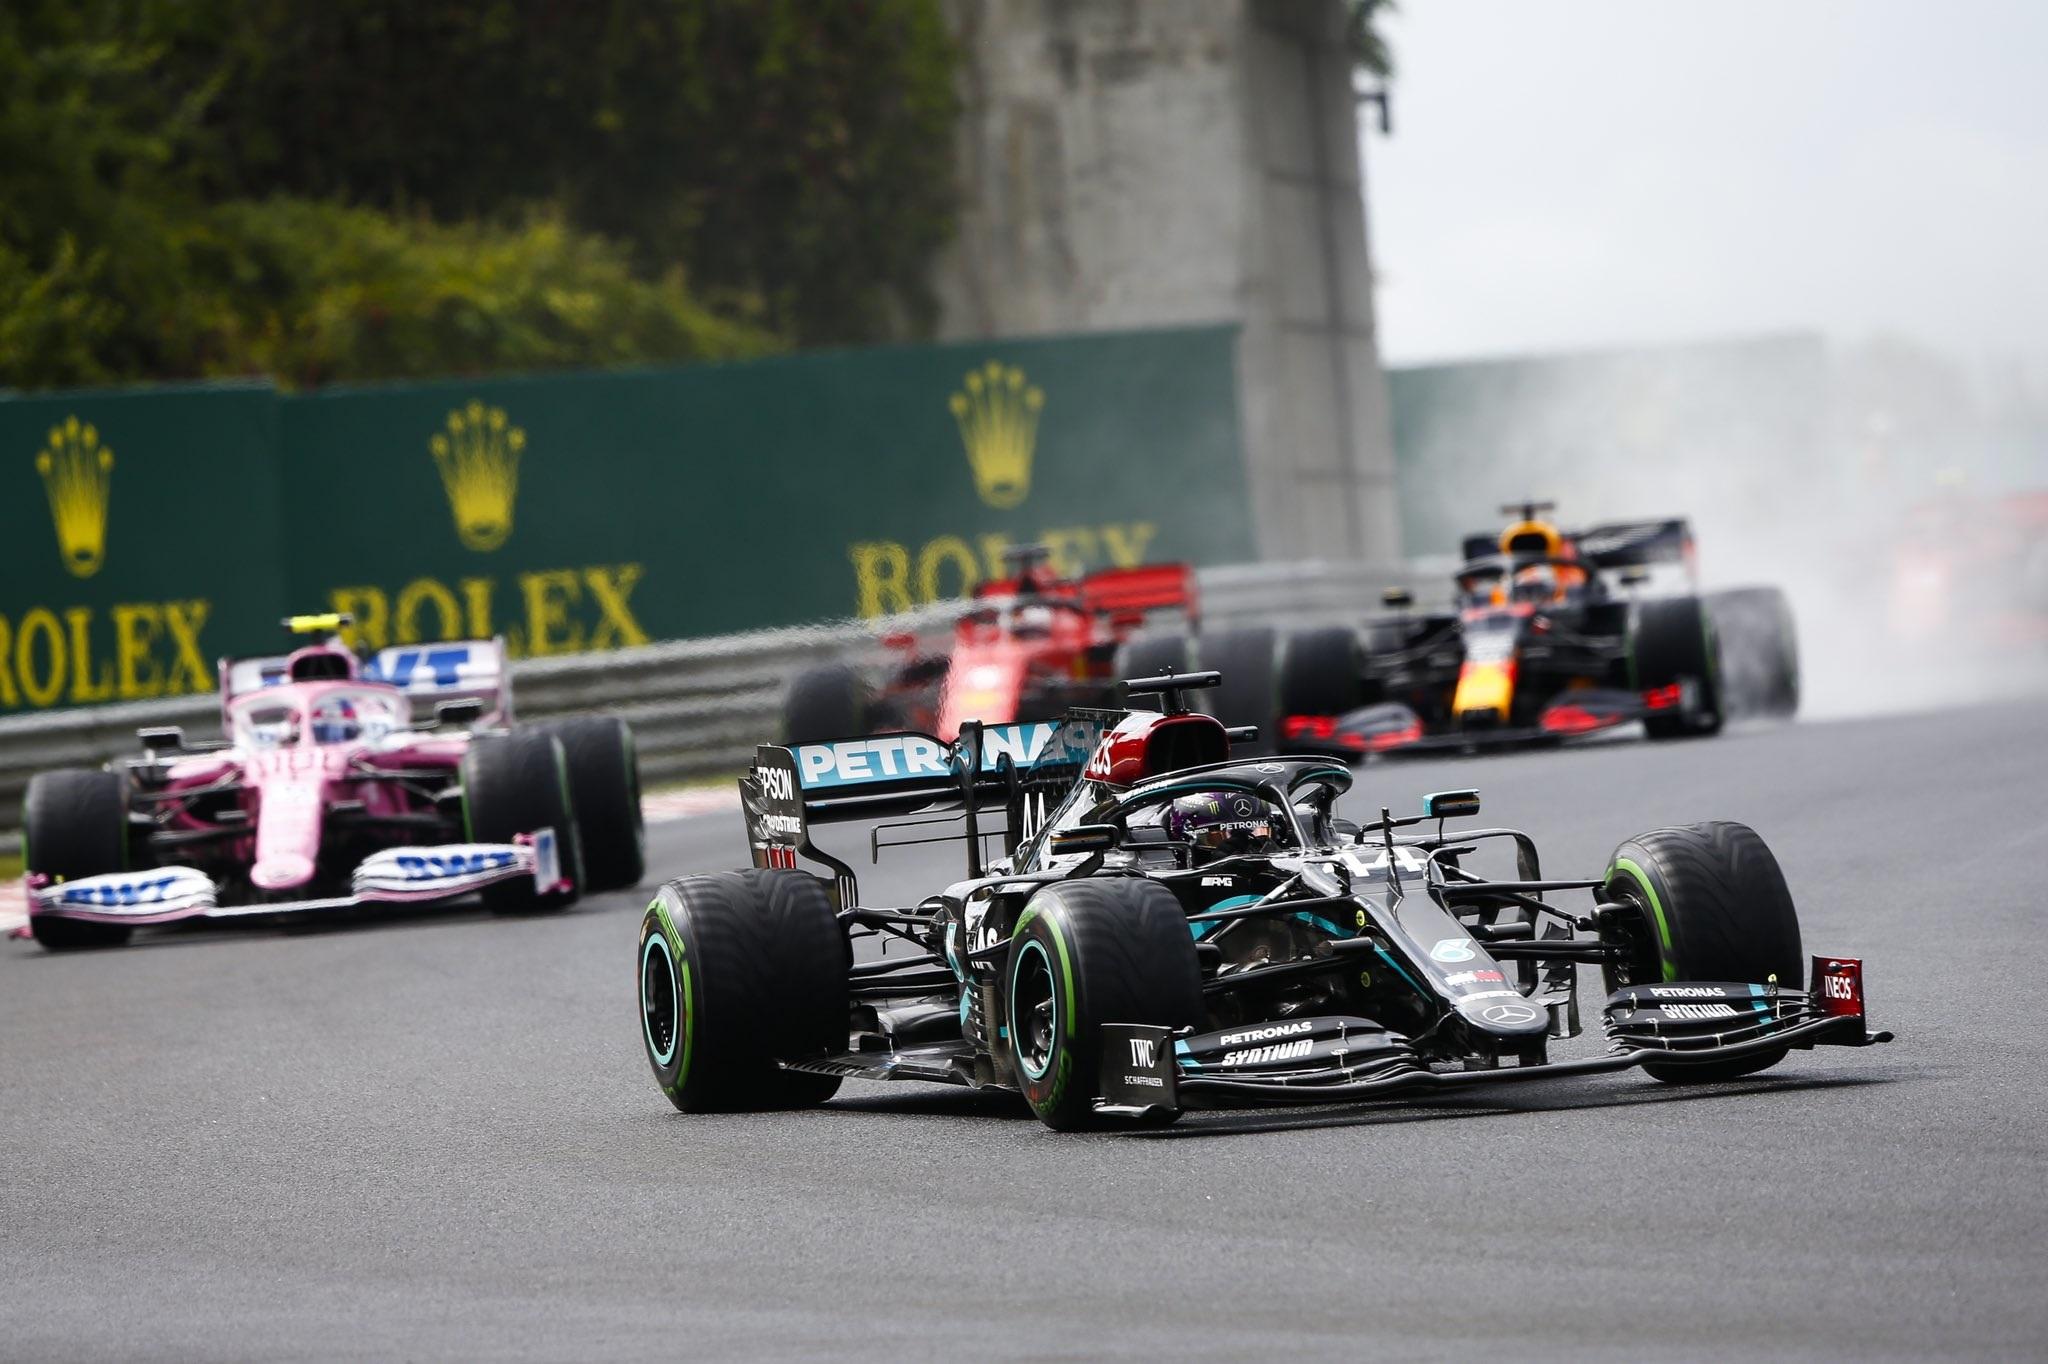 Le début de saison 2020 de la F1 est une réussite pour Ross Brawn 1